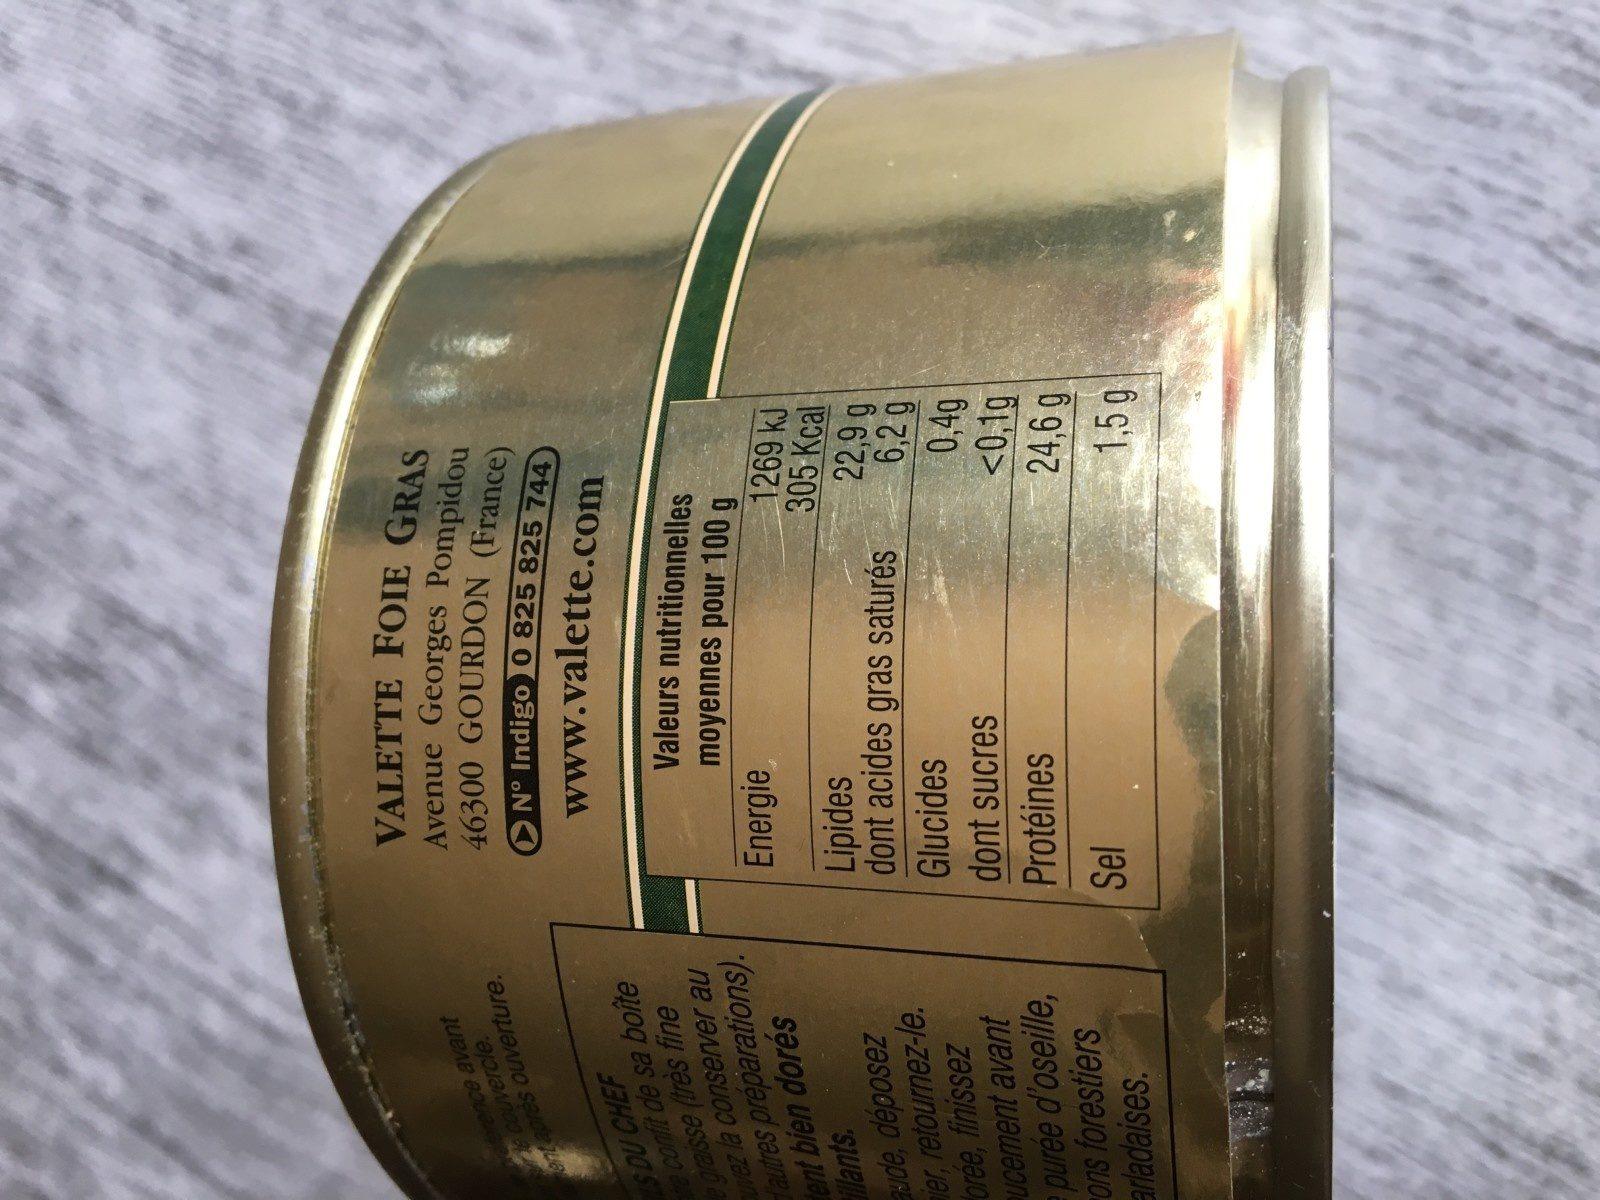 Confit de Canard du Sud-Ouest -1 Cuisse - Ingrediënten - fr